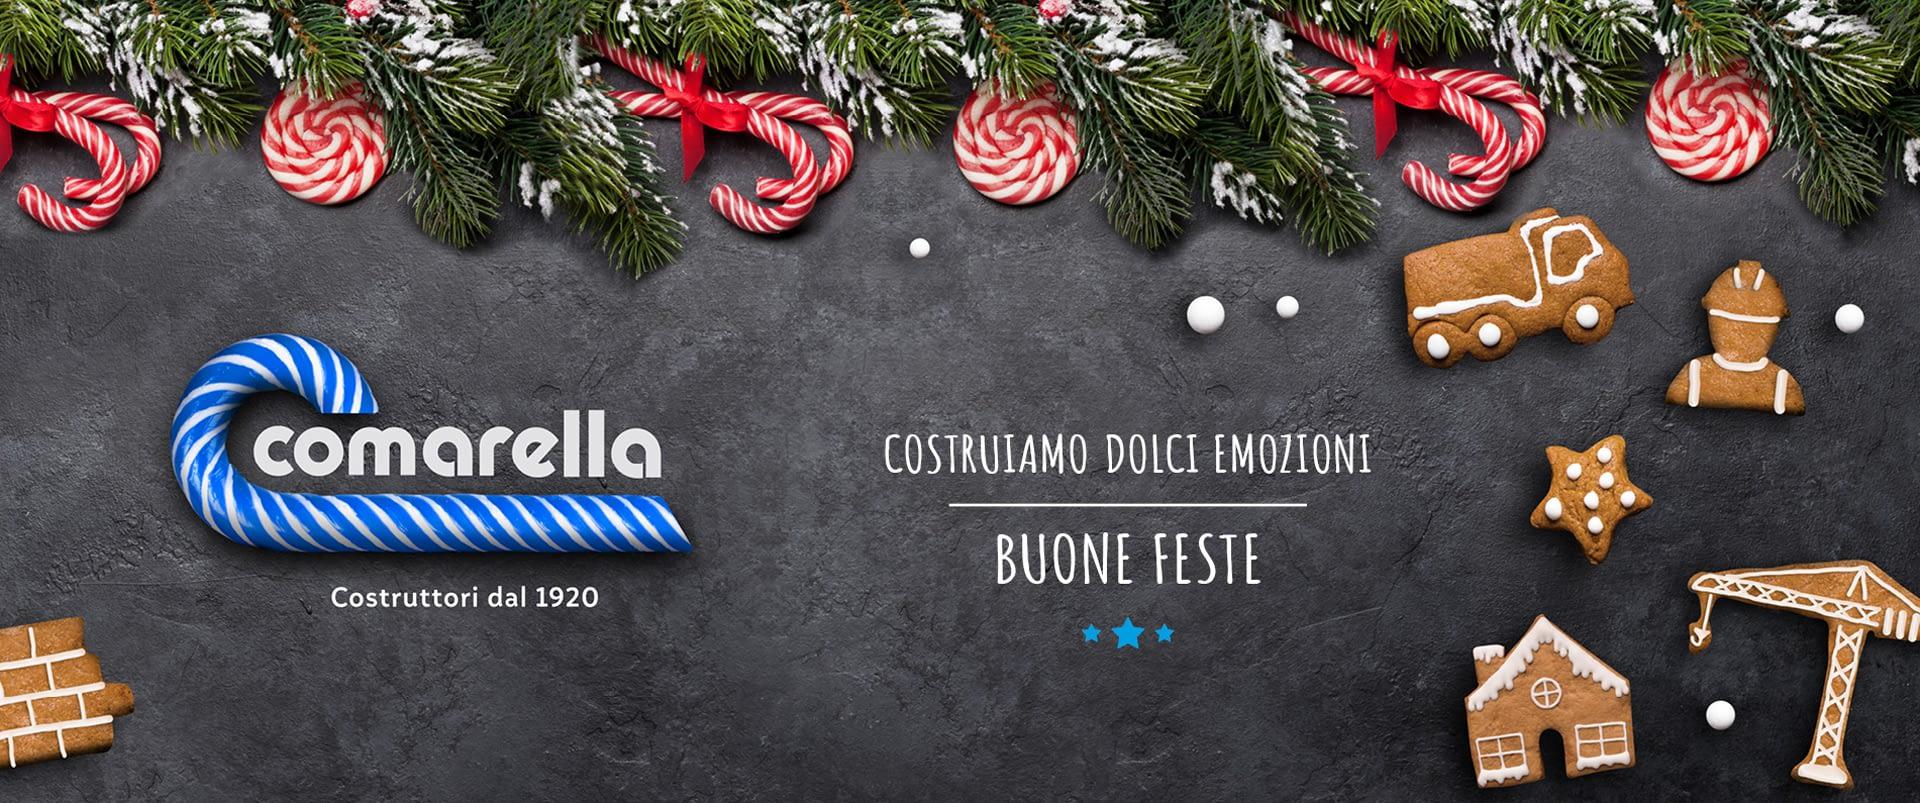 Buone Feste – Impresa Comarella